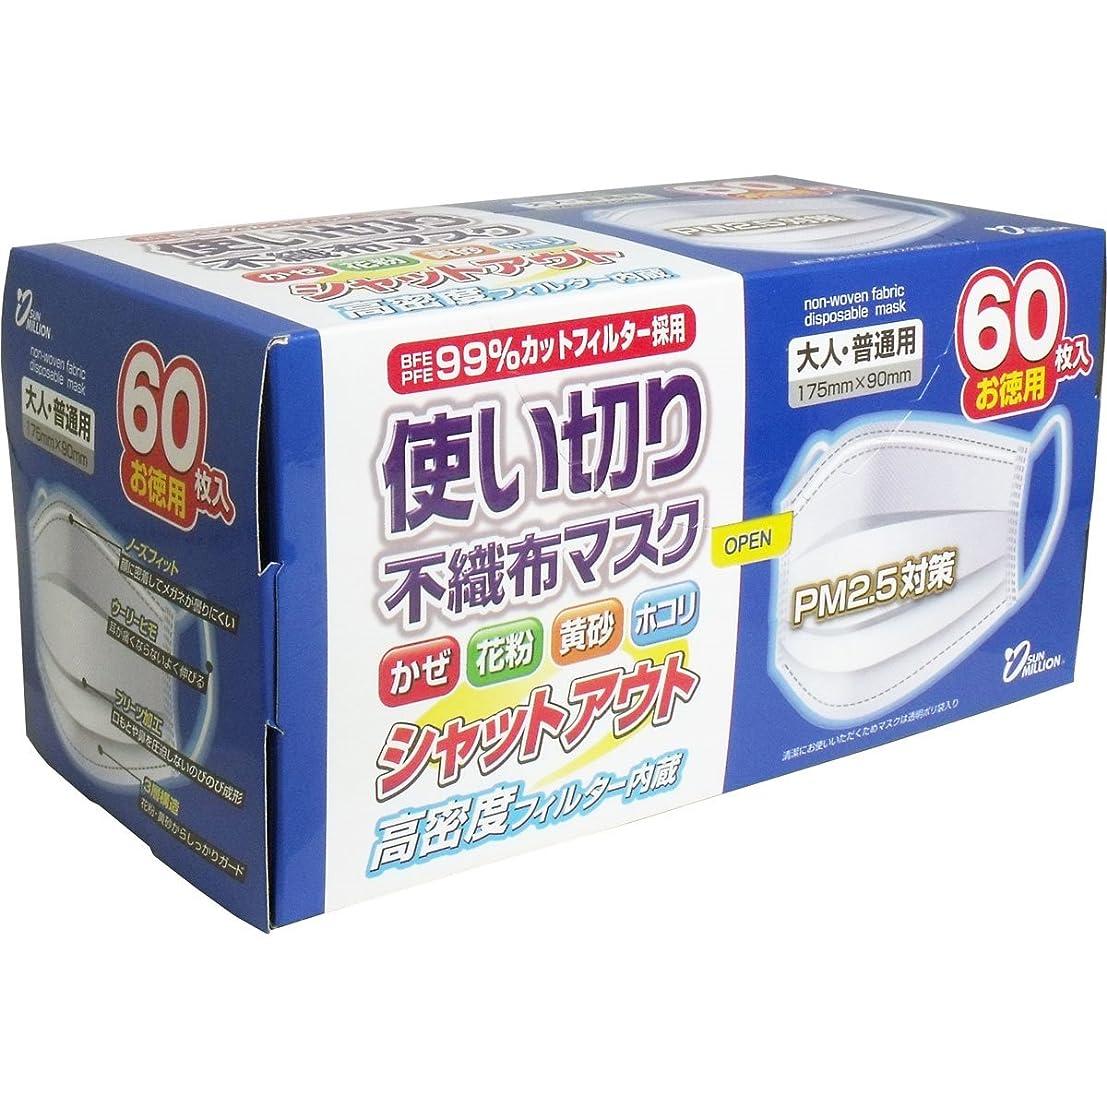 感覚ソーセージ豪華なサンフィット 使い切り不織布マスク 大人?普通用 60枚入